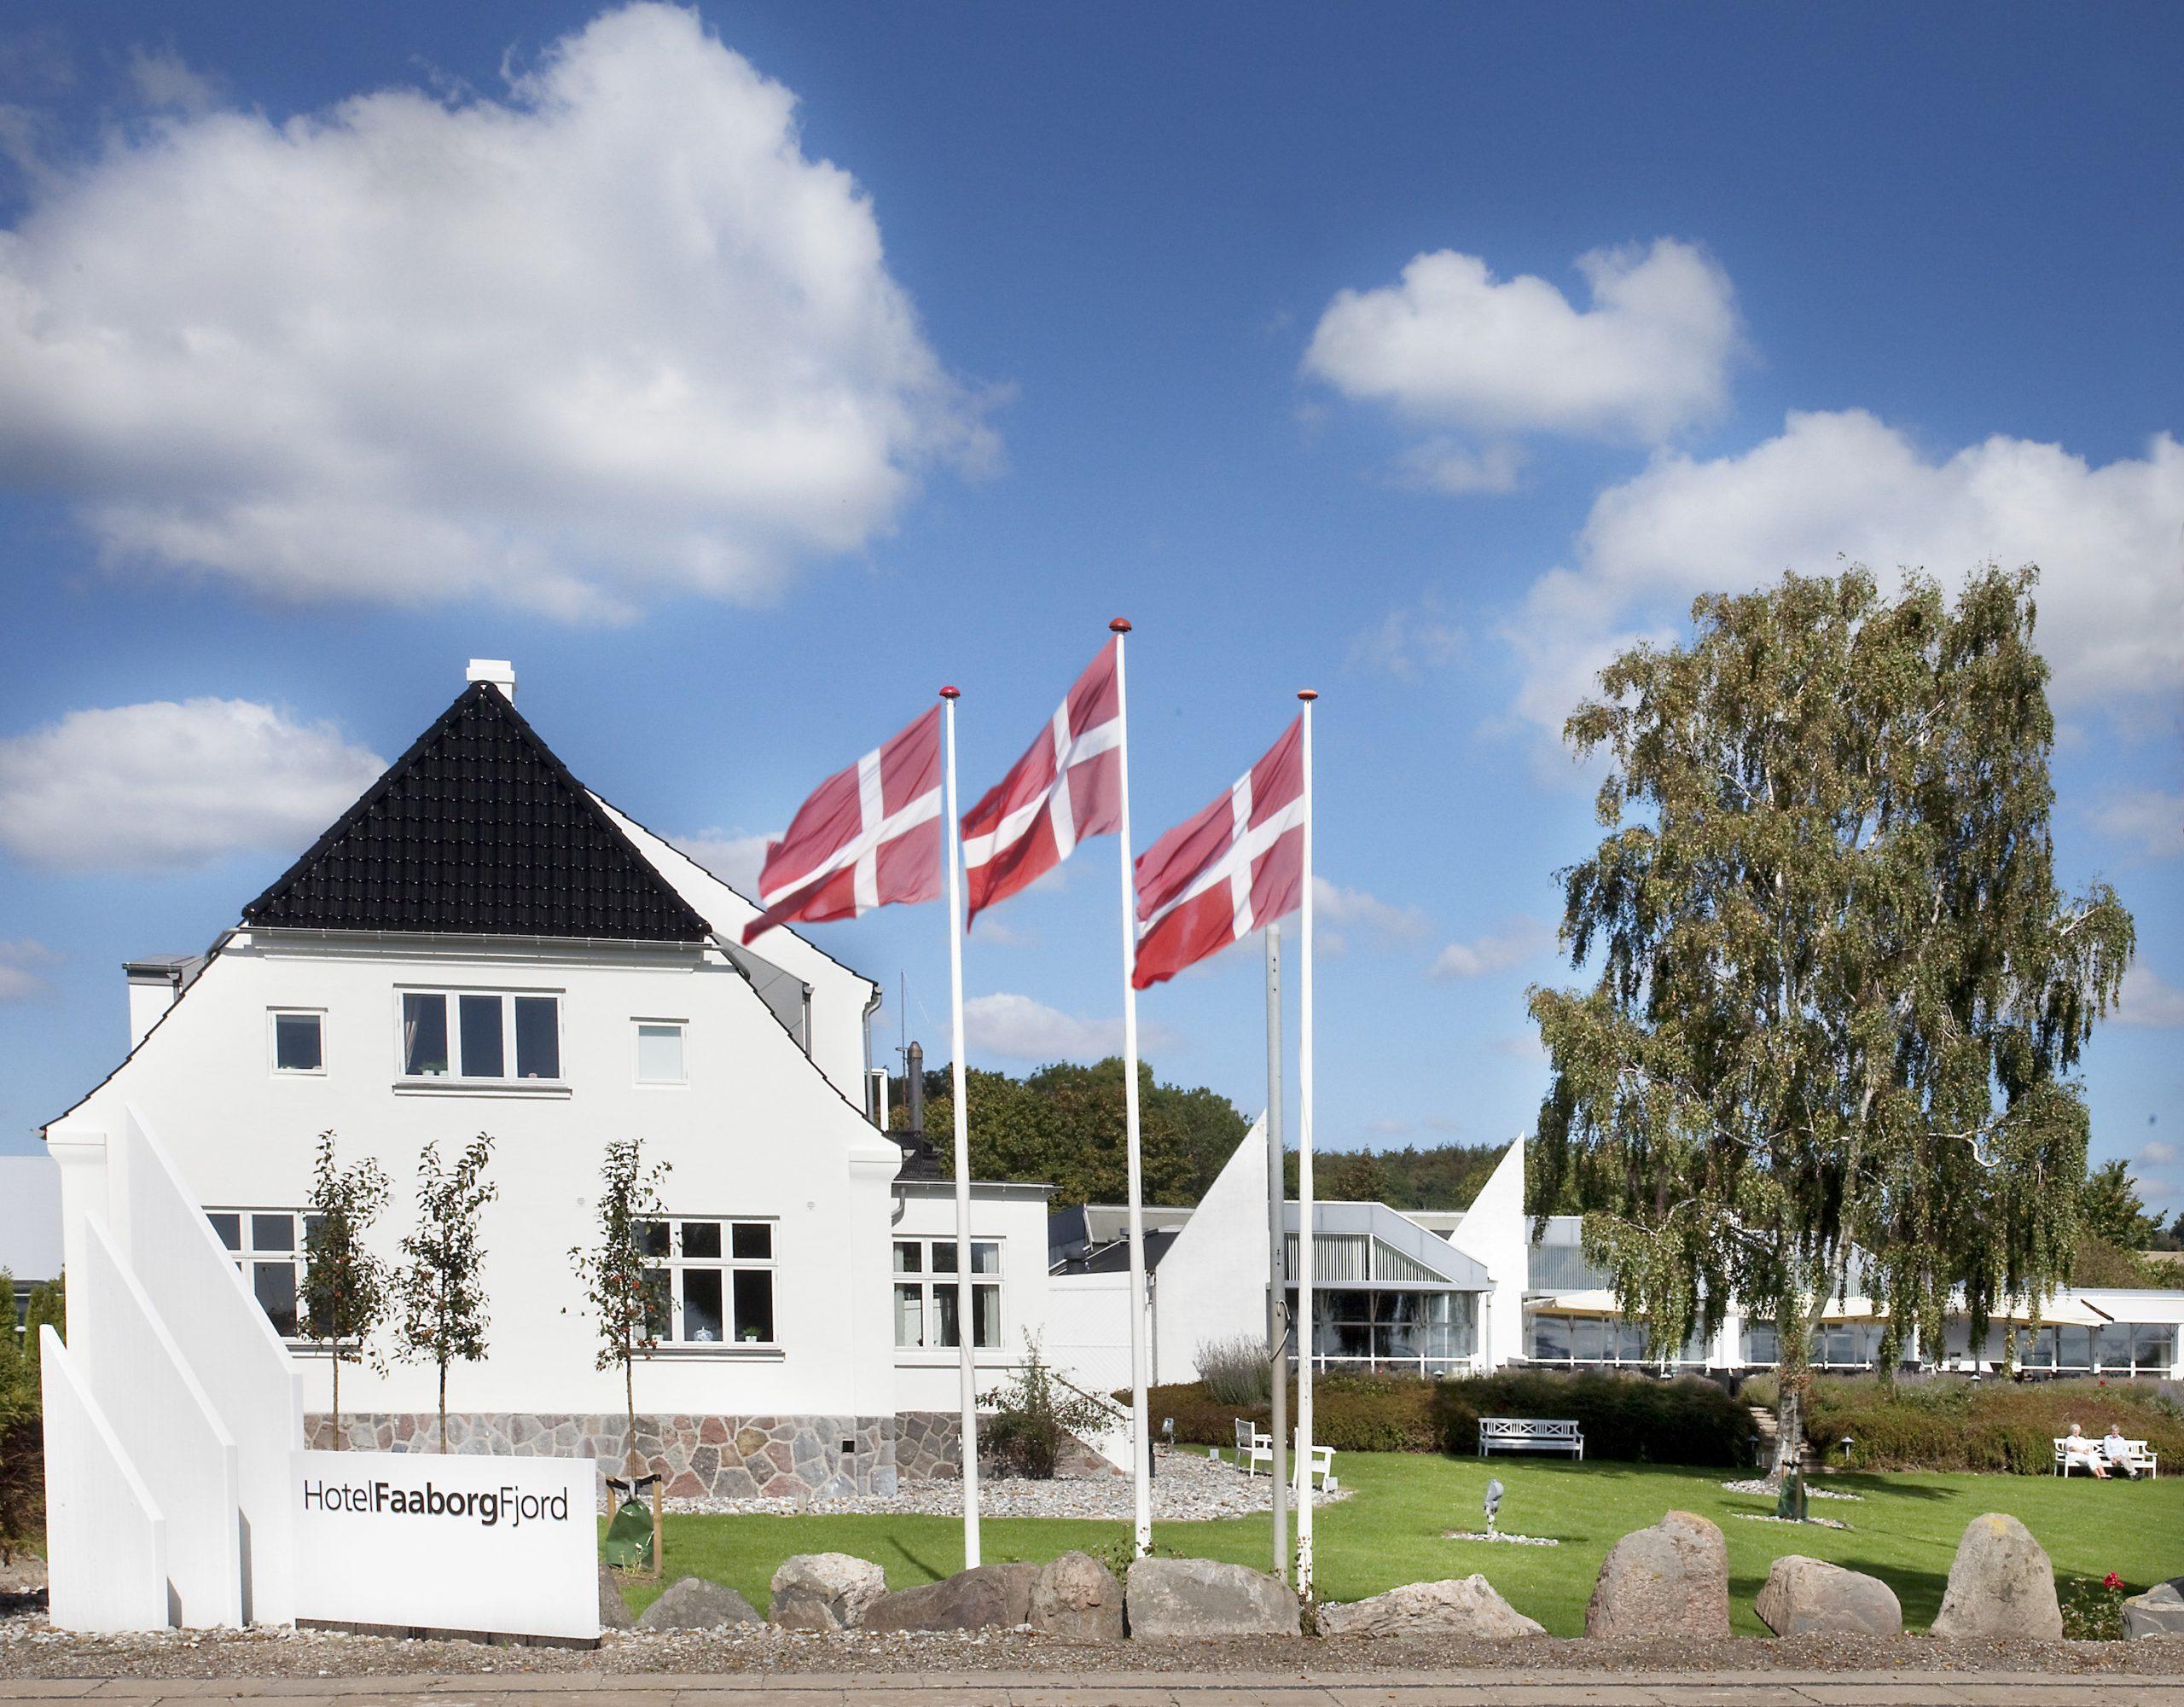 Udover 128 hotelværelser har Hotel Faaborg Fjord kursus- og konferencefaciliteter til 600 personer i kongressalen og yderligere lokale til 200. Dertil kommer 12 mindre mødelokaler. Fremsendt pressefoto fra Small Danish Hotels.